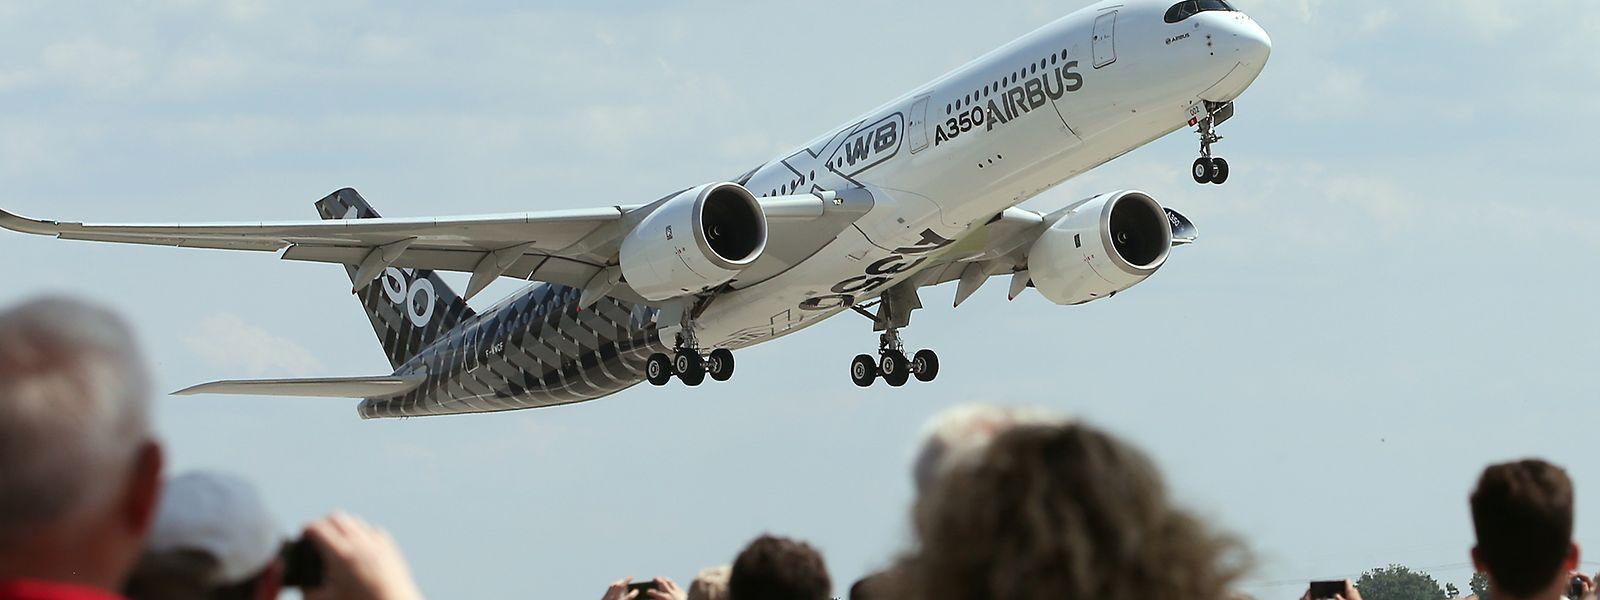 Eine Maschine des Typs Airbus A350.